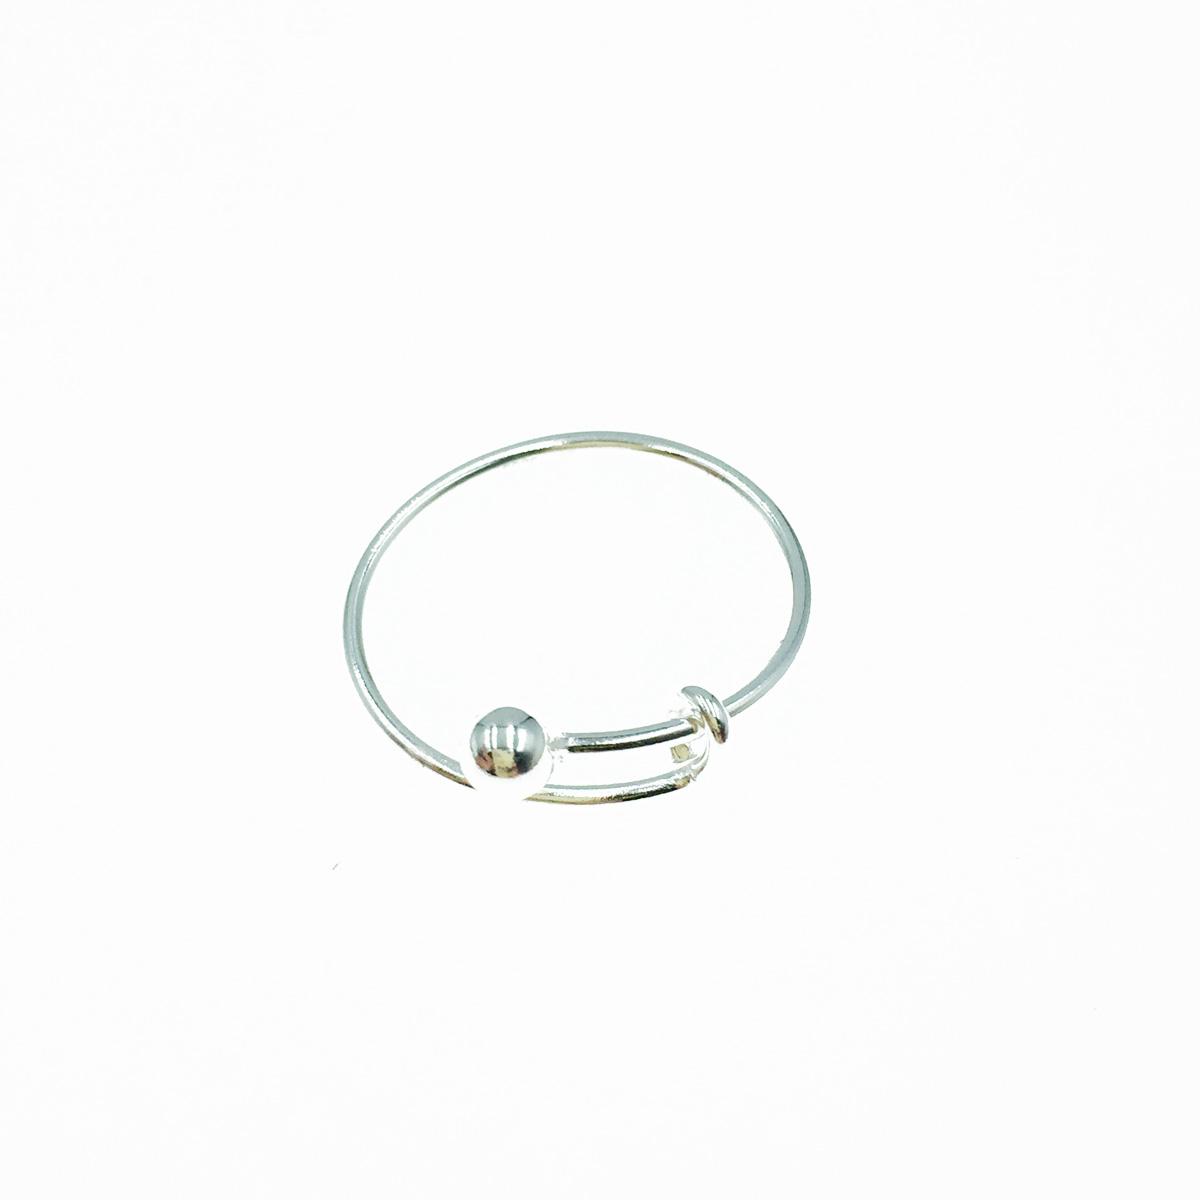 韓國 925純銀 簡約金屬款 可調式 戒指